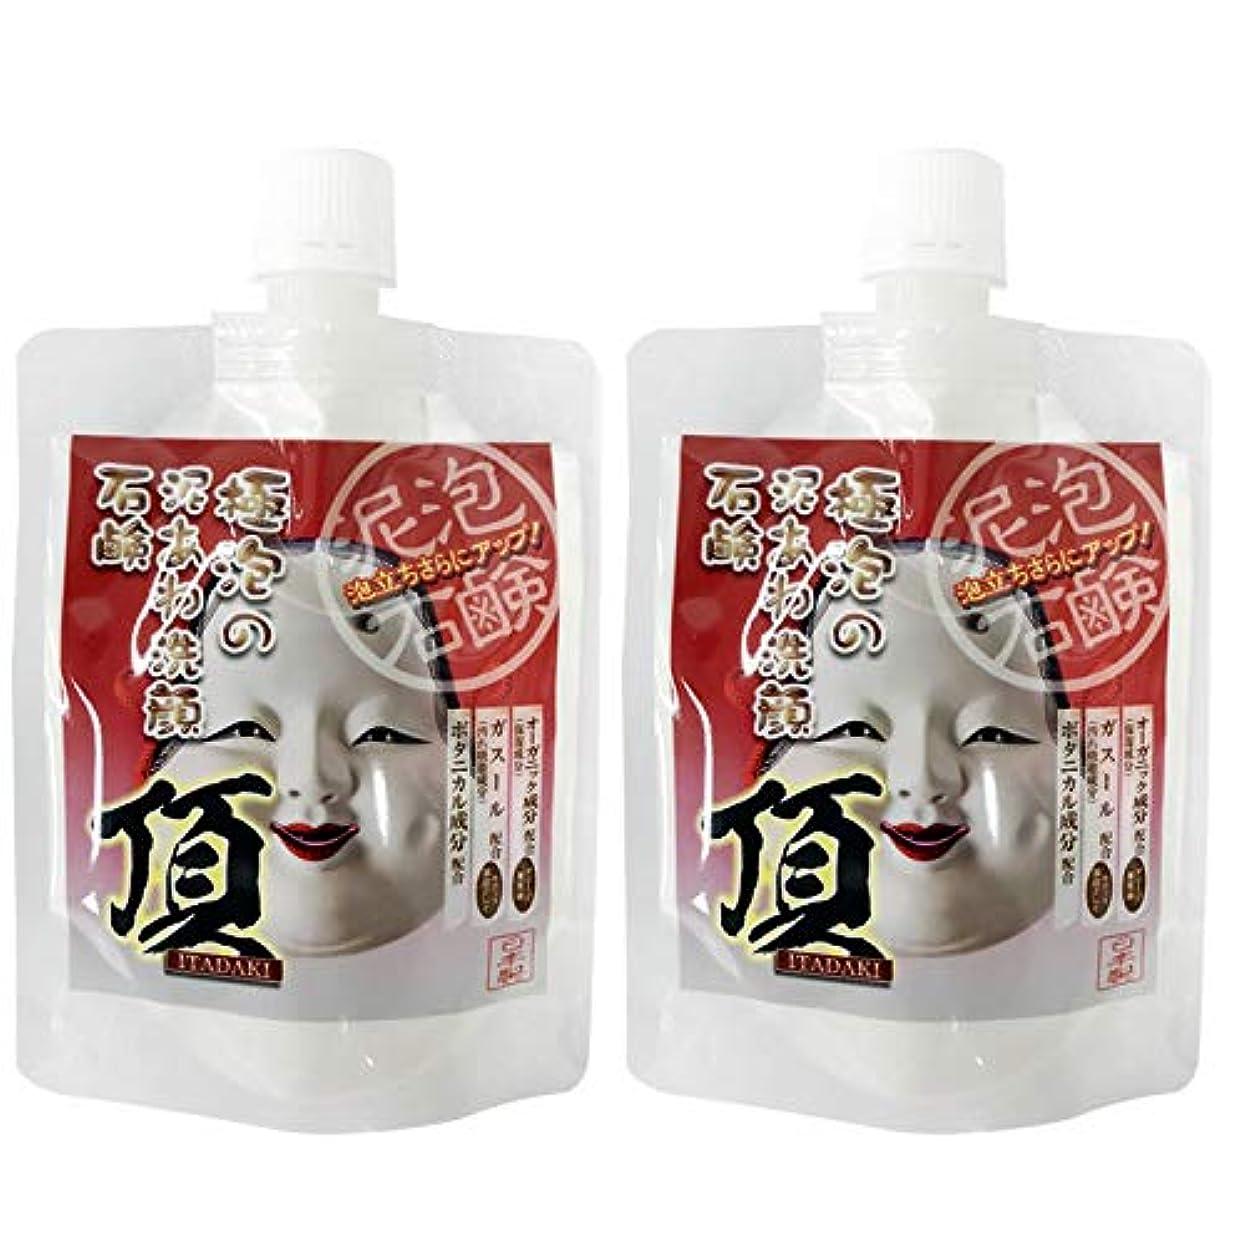 たるみ多様体一貫した極泡の泥あわ洗顔石鹸 頂 130g×2 ガスール 豆乳 ボタニカル 酒粕 エキス配合